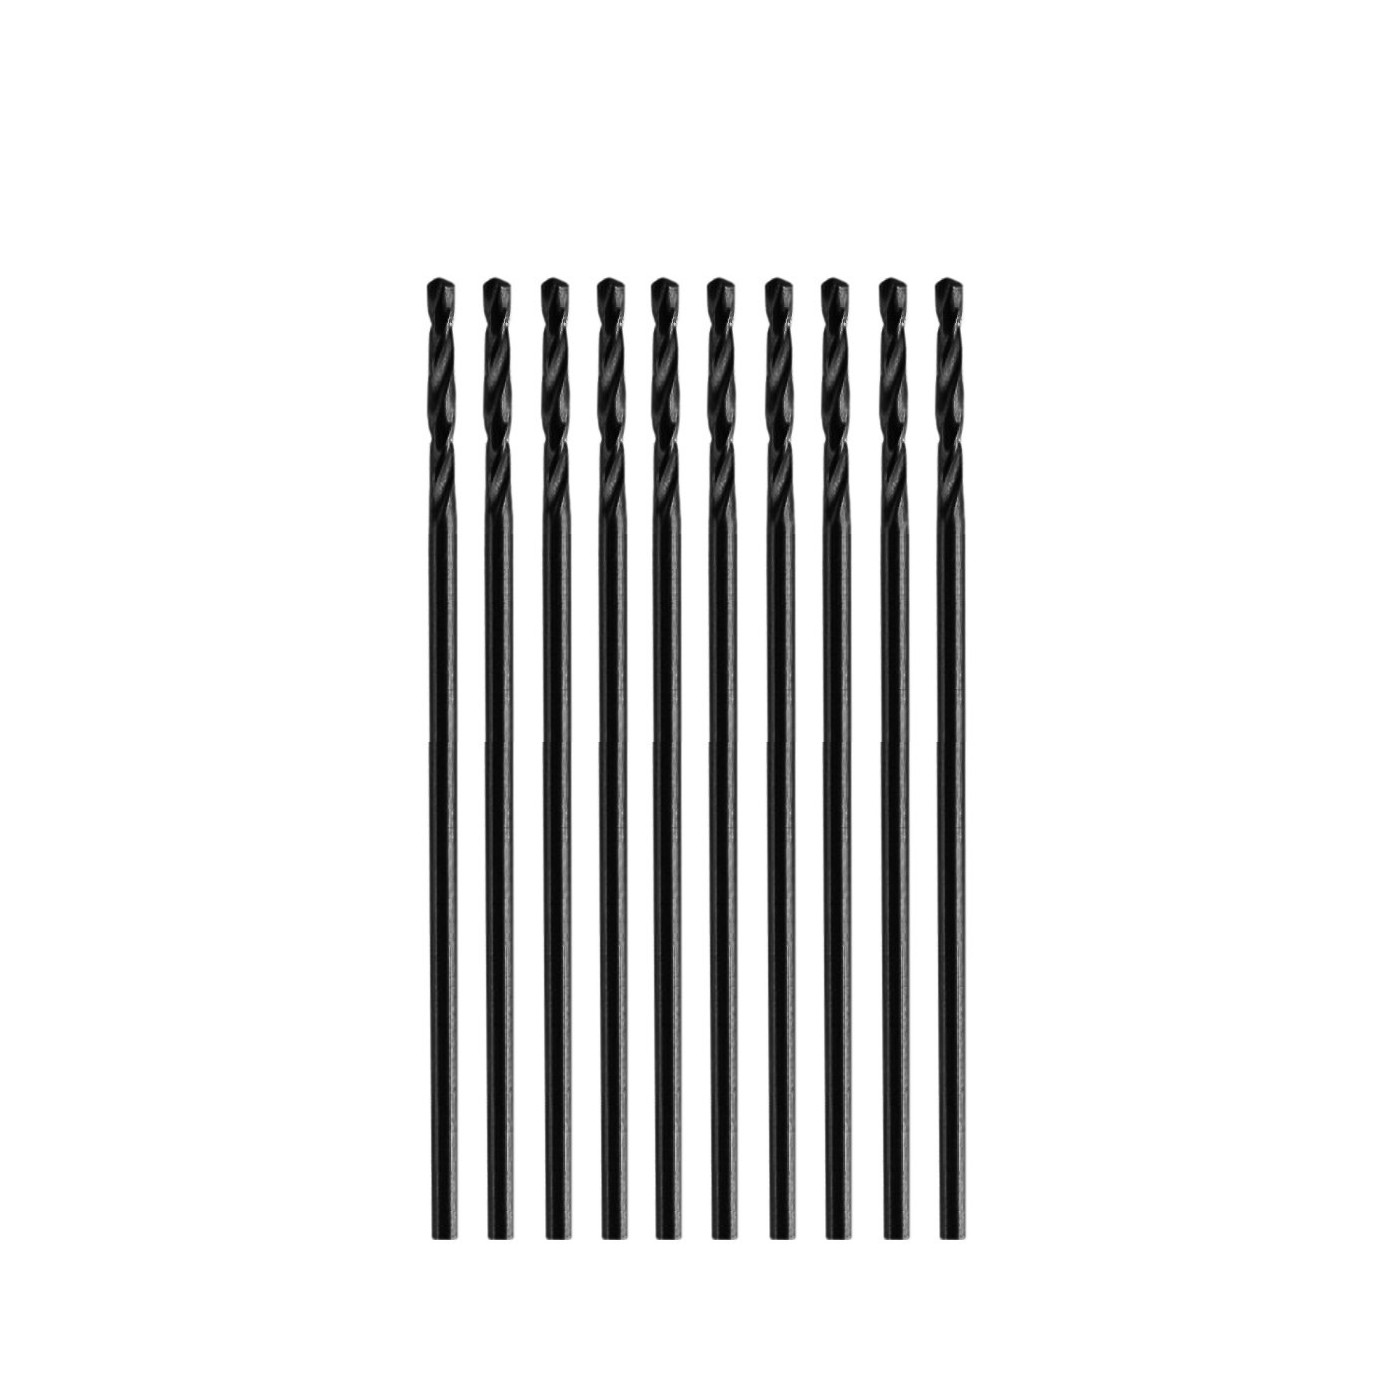 Set van 10 kleine metaalboren (0,7x28 mm, HSS)